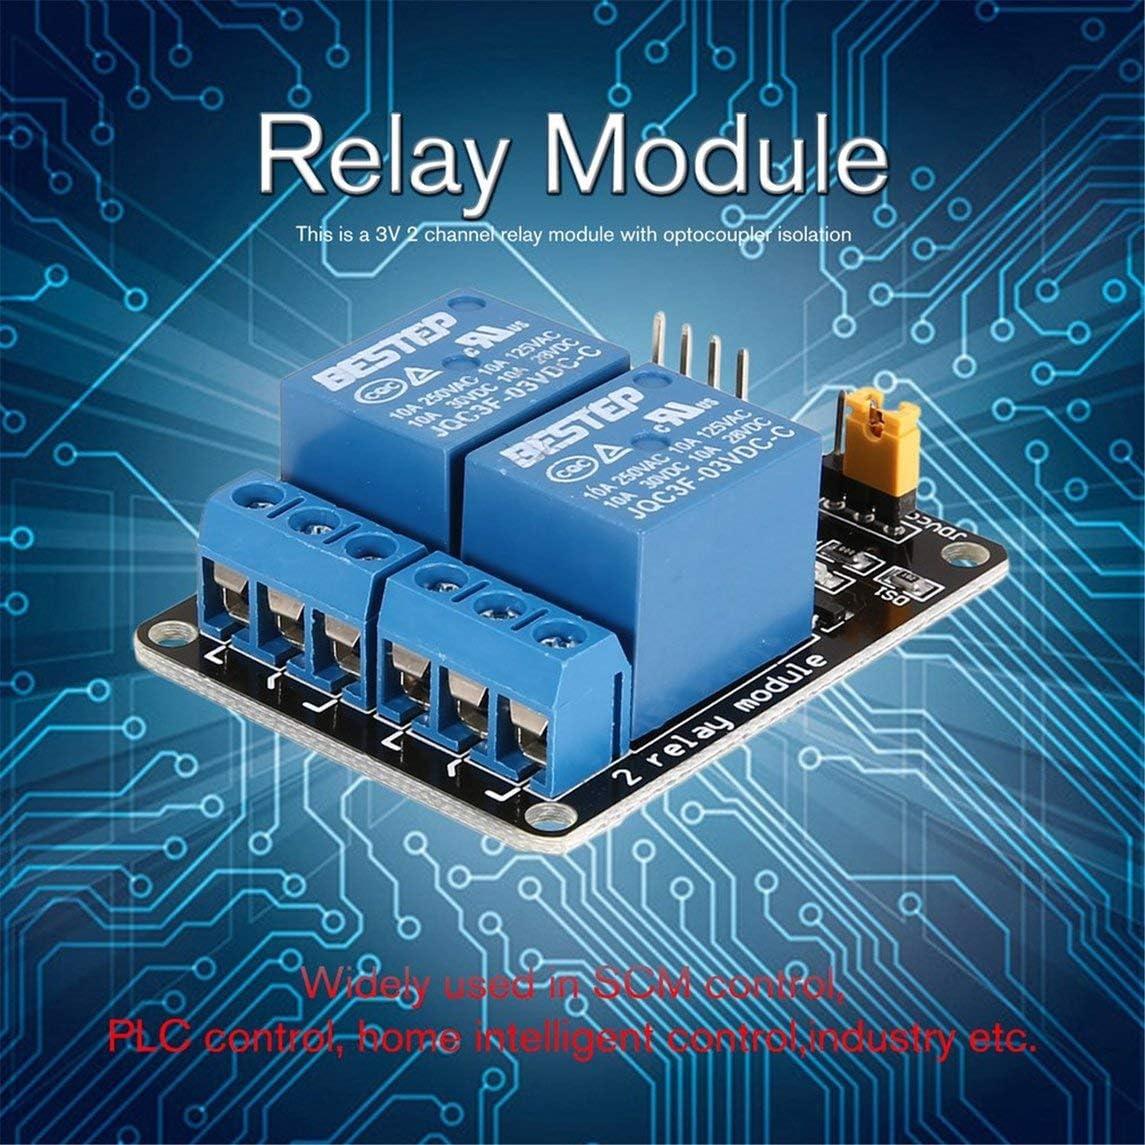 sdfghzsedfgsdfg 3V 2 canaux relais module interface carte bas niveau d/éclencheur optocoupleur pour Arduino SCM PLC Smart Home commutateur de commande /à distance